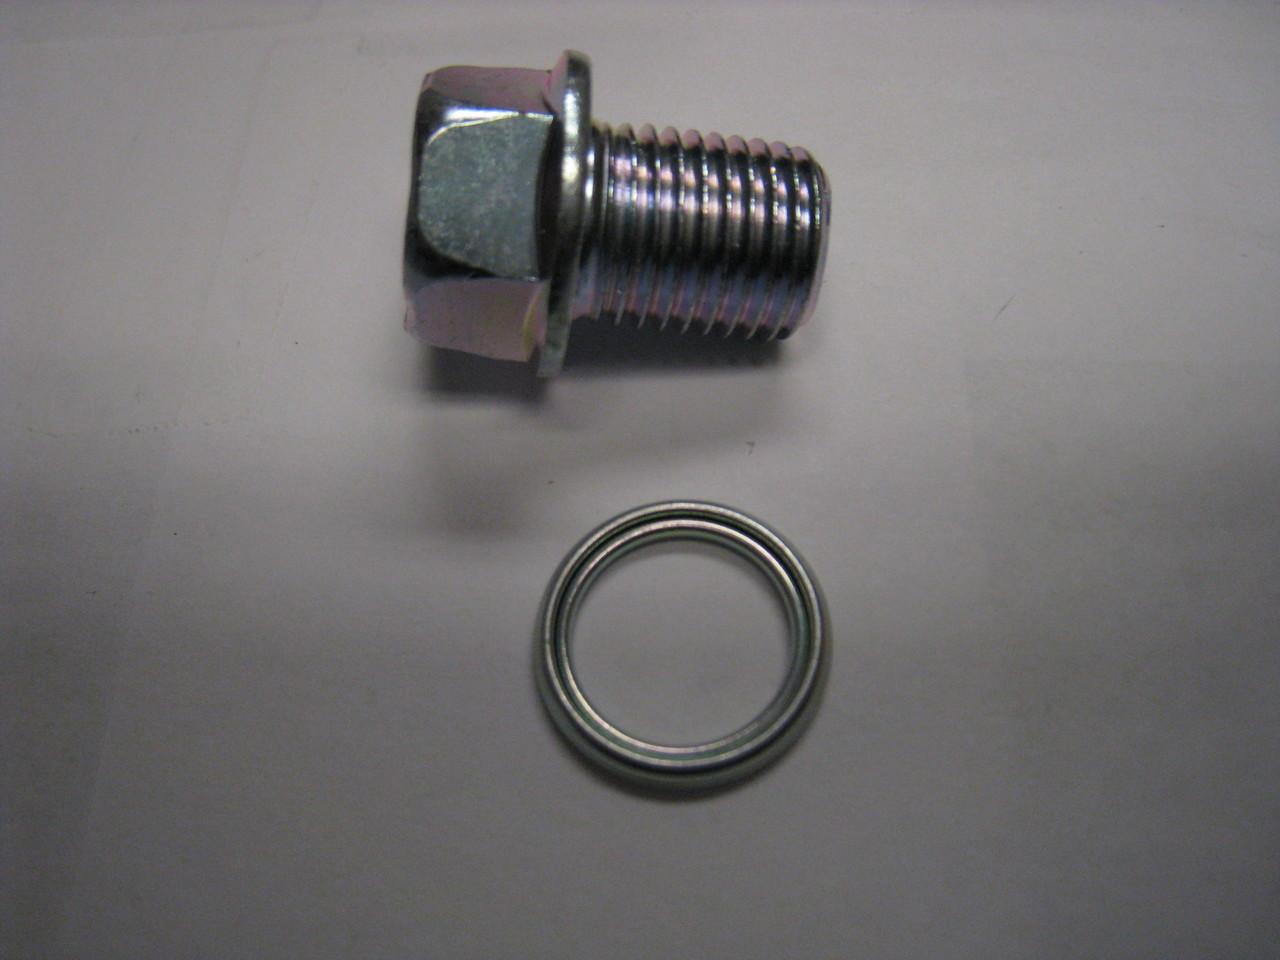 Engine Product, Yamaha FJ, XJ, Oil Pan Bolt & Drain Plug Sealing Washer  Kit, 90340-14132-KIT, 9034014132KIT